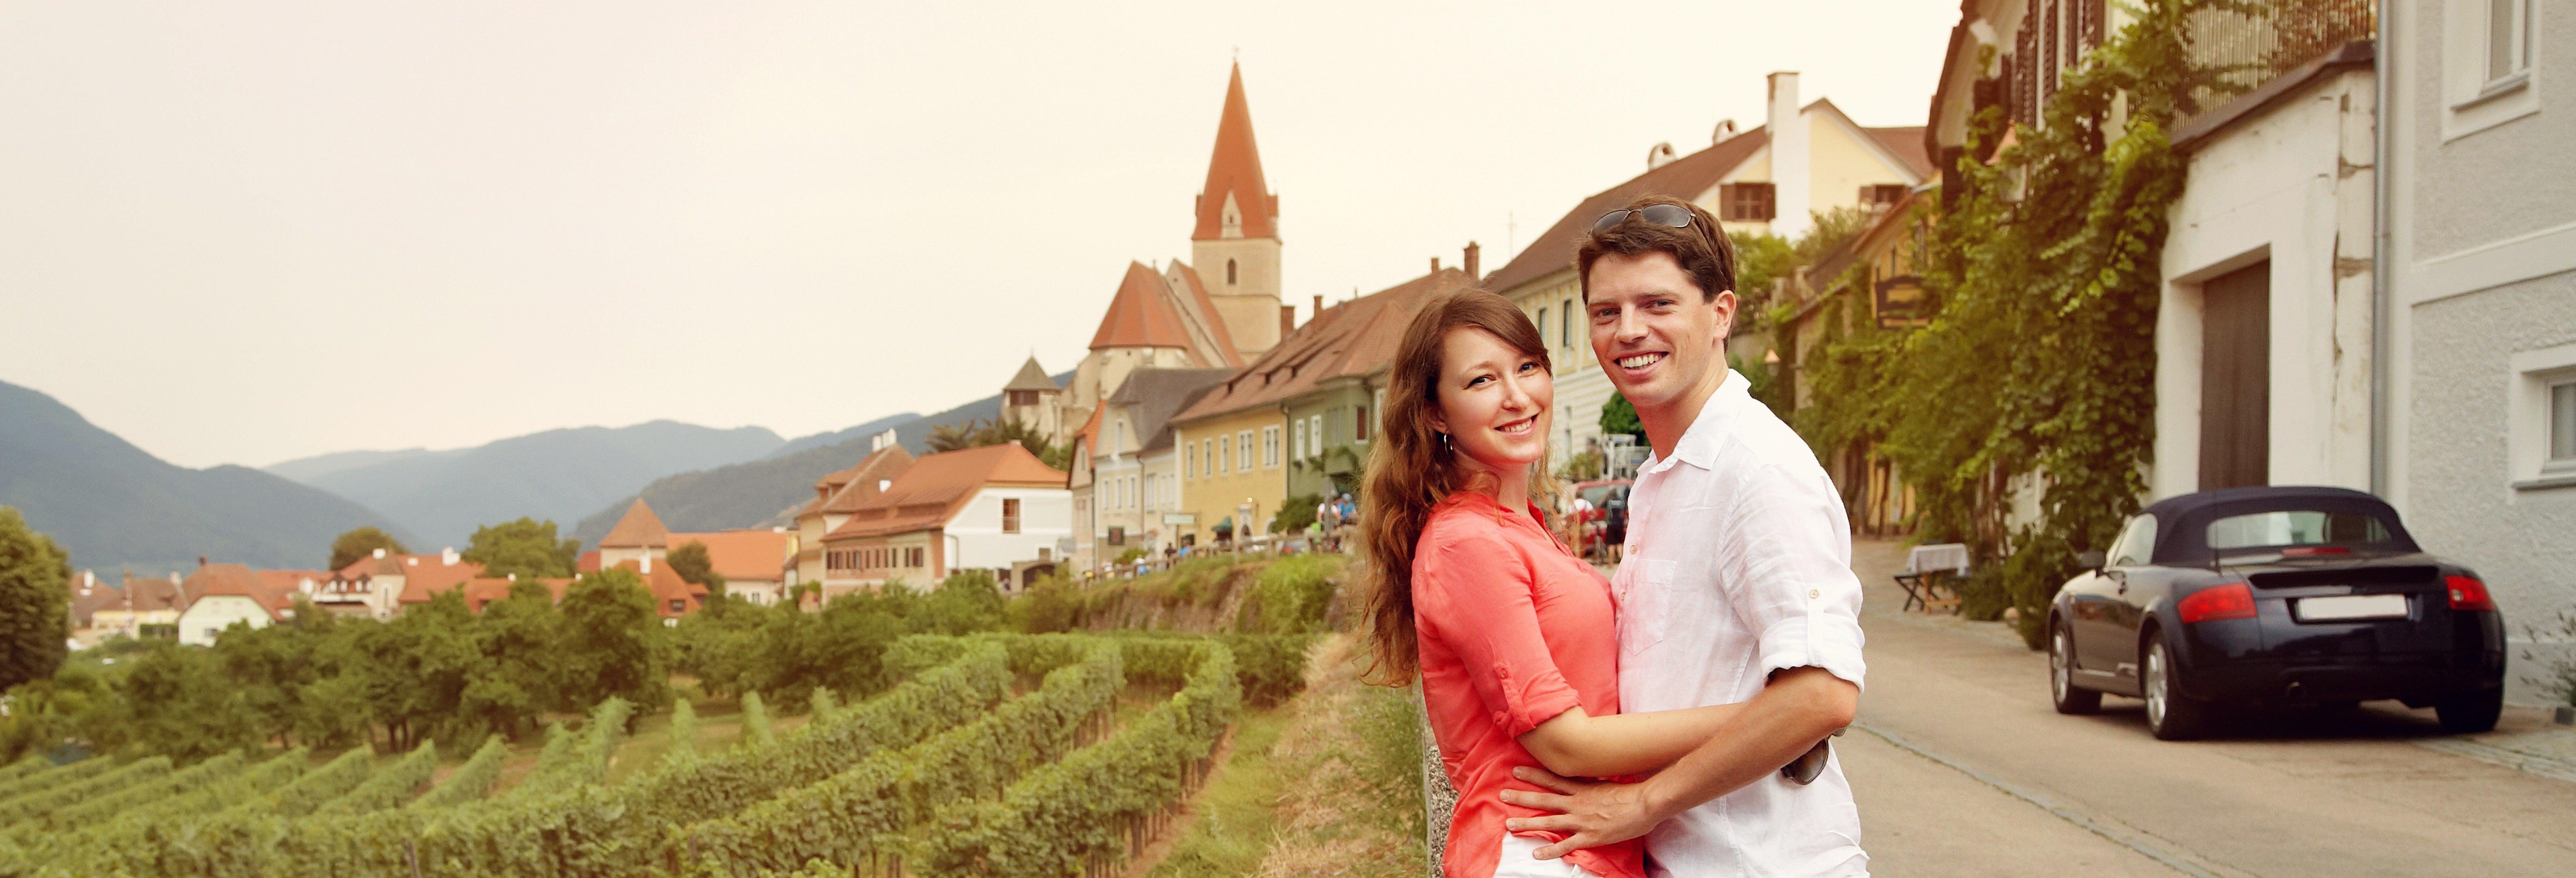 Excursão pelos vales do Danúbio e Wachau